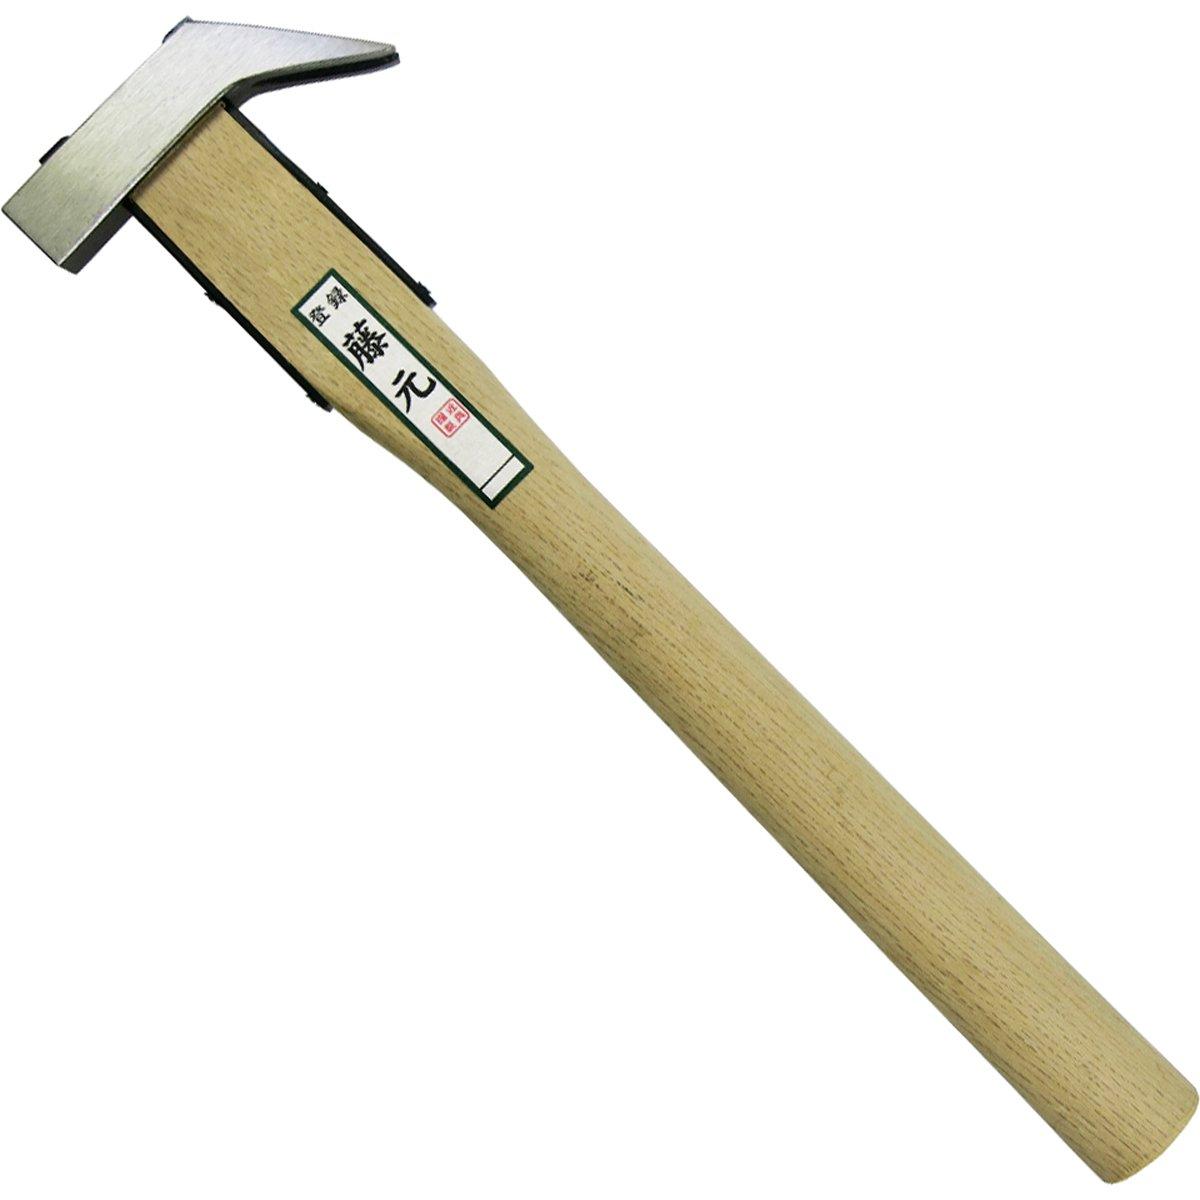 藤元 本職用 舞台屋槌 磨き仕上げ 樫材使用 尺2柄